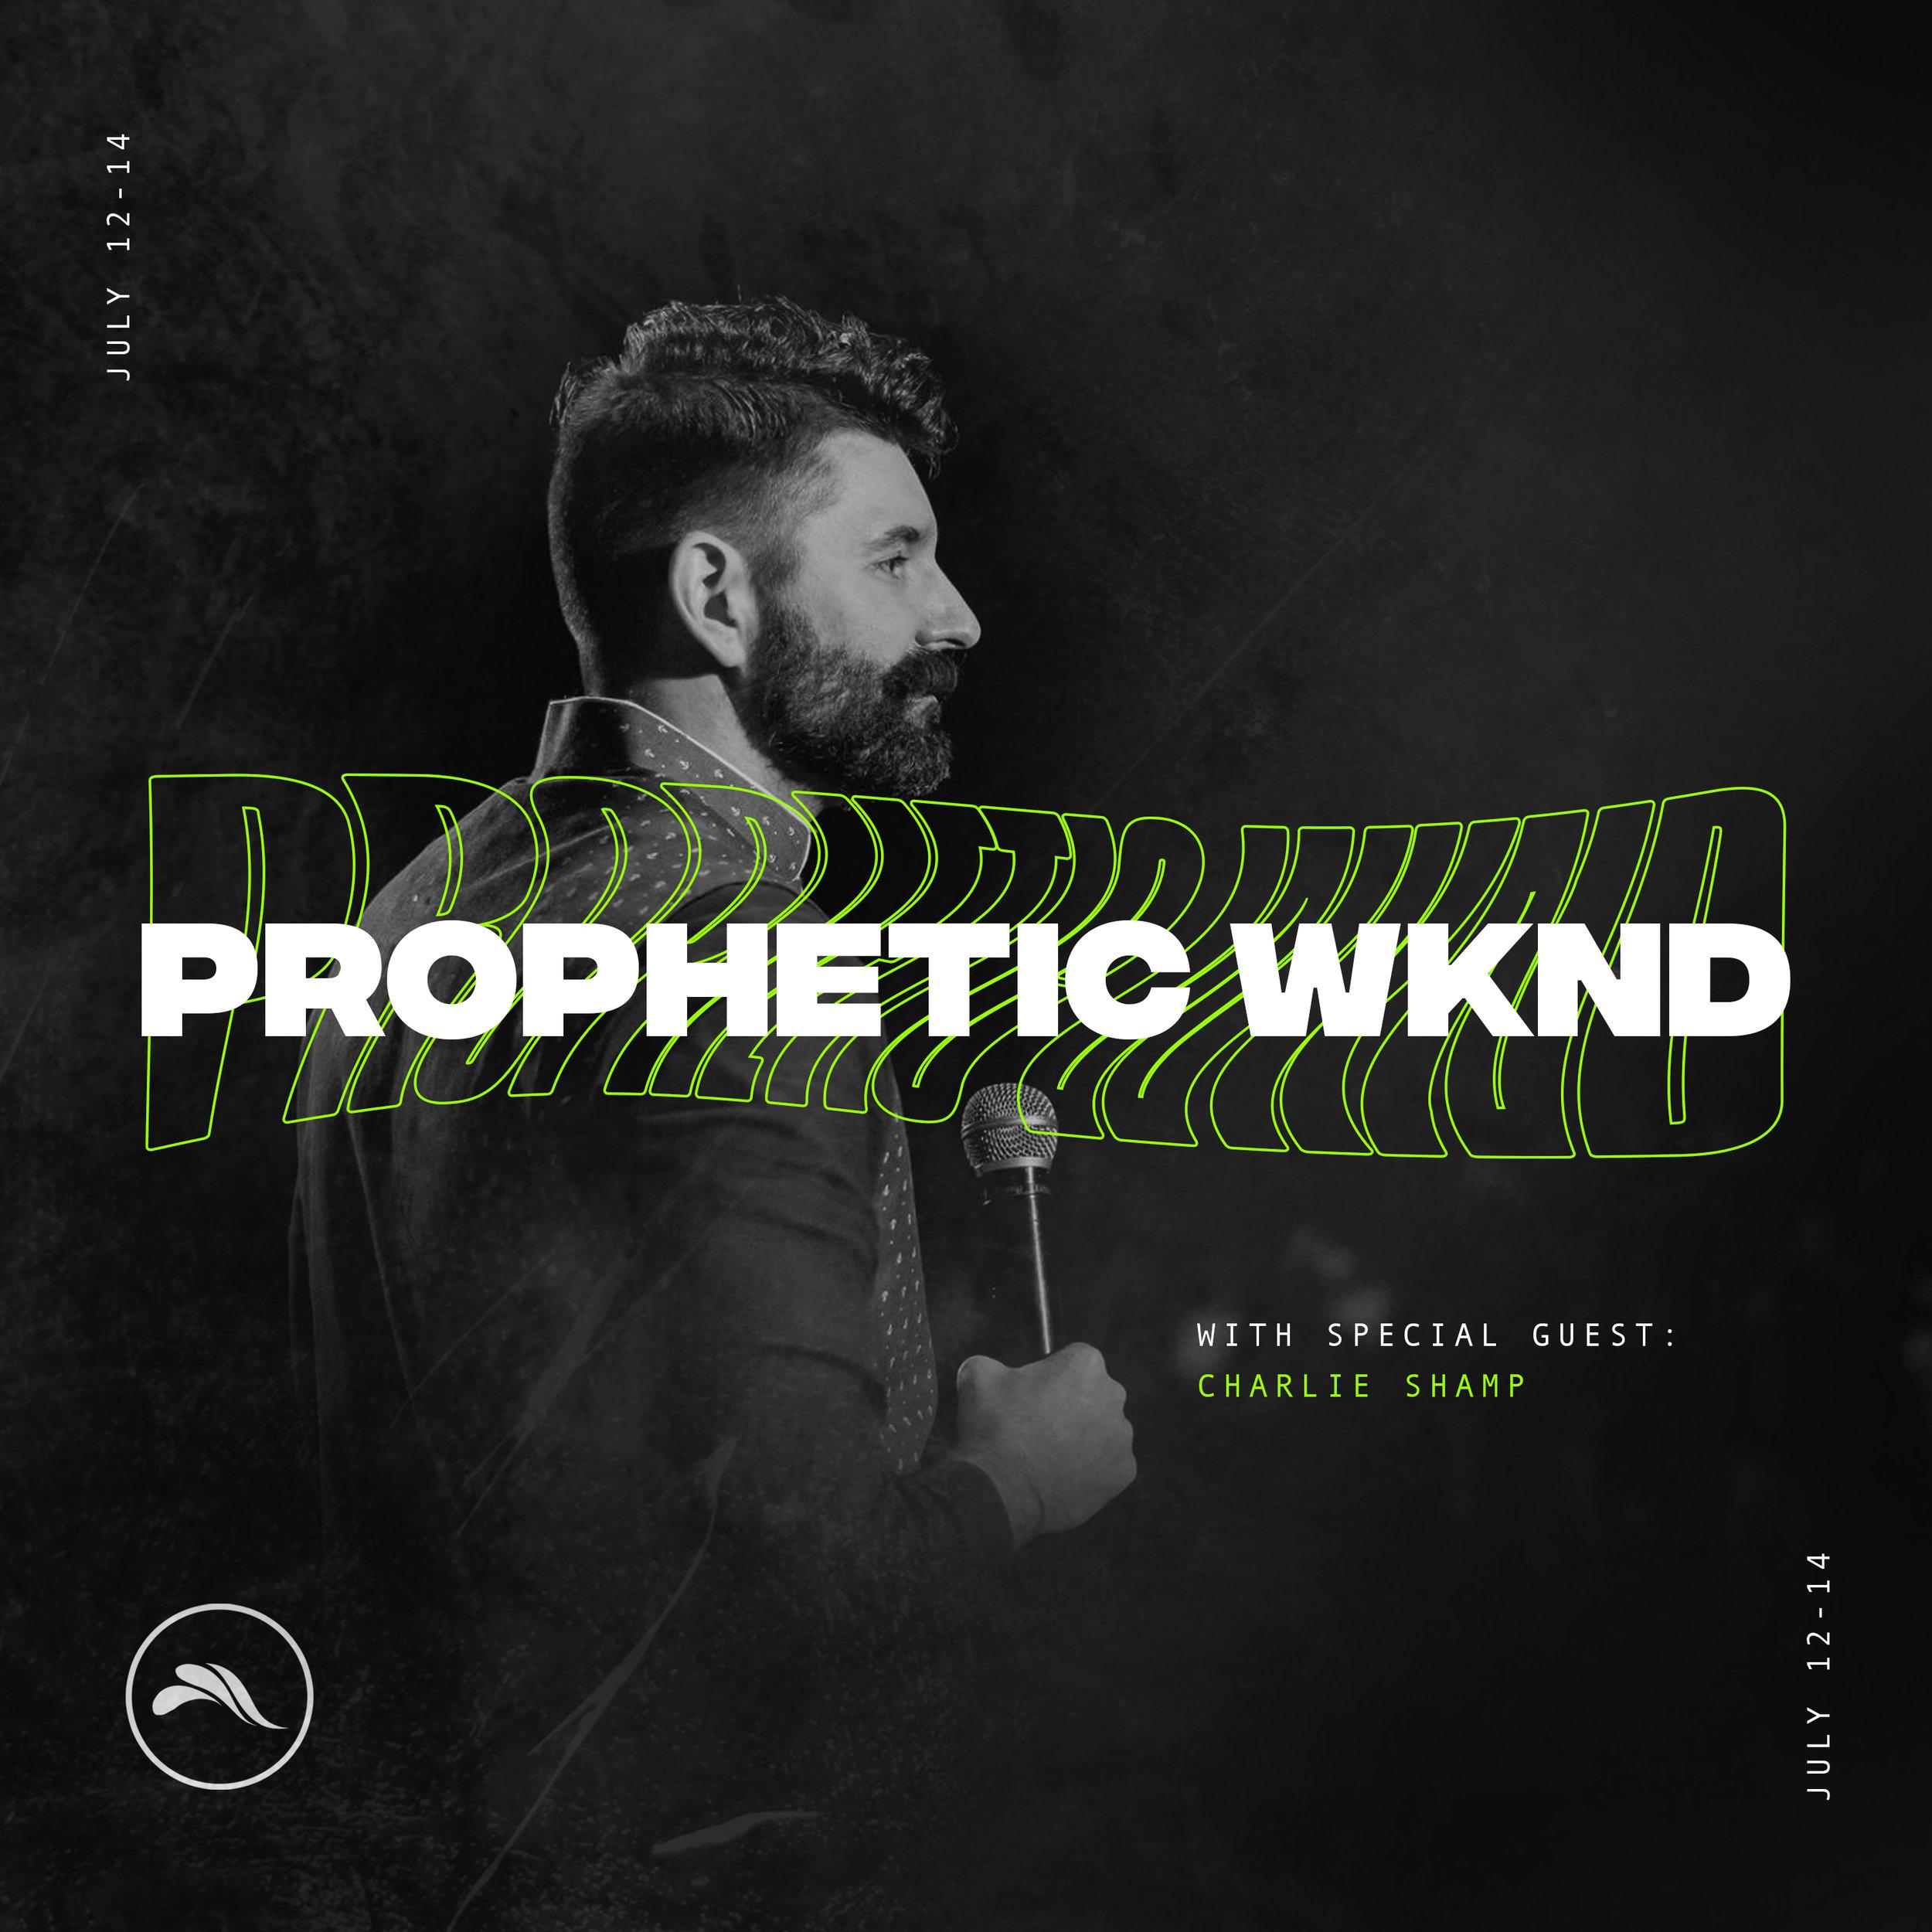 prophetic-wknd.jpg